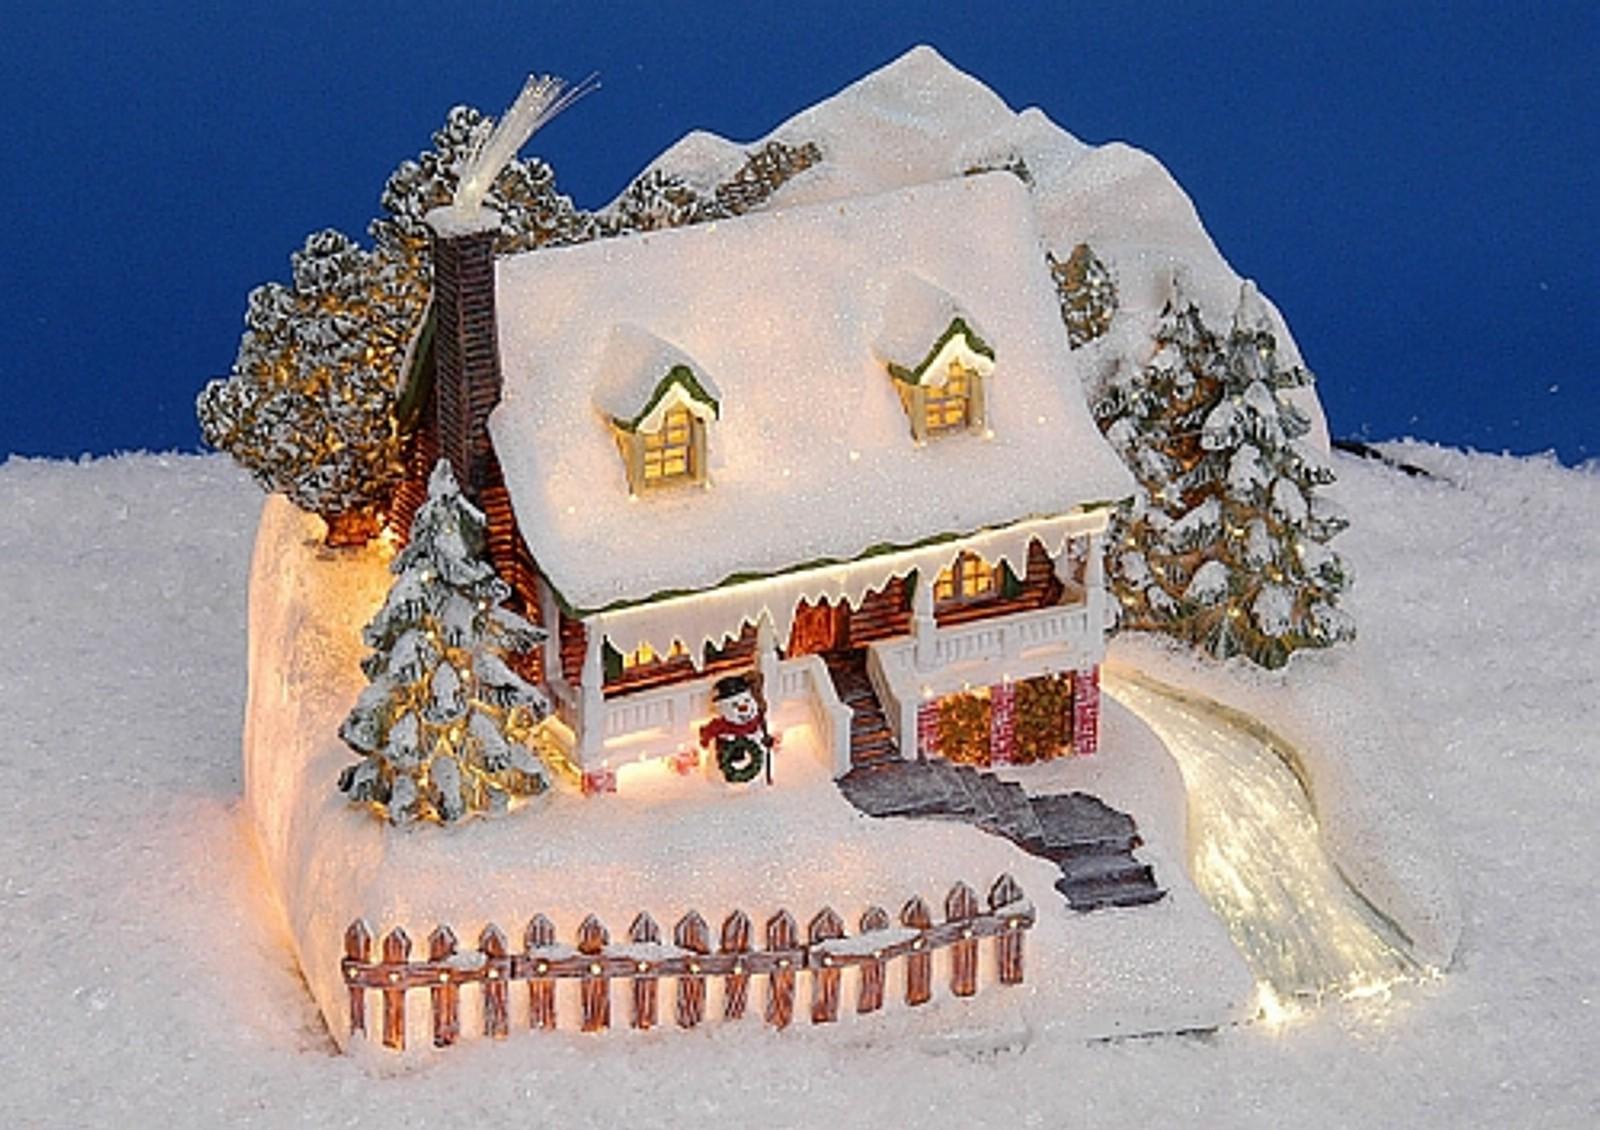 lichthaus g wurm winterdorf lichtkirche deko haus weihnachten mit licht ebay. Black Bedroom Furniture Sets. Home Design Ideas